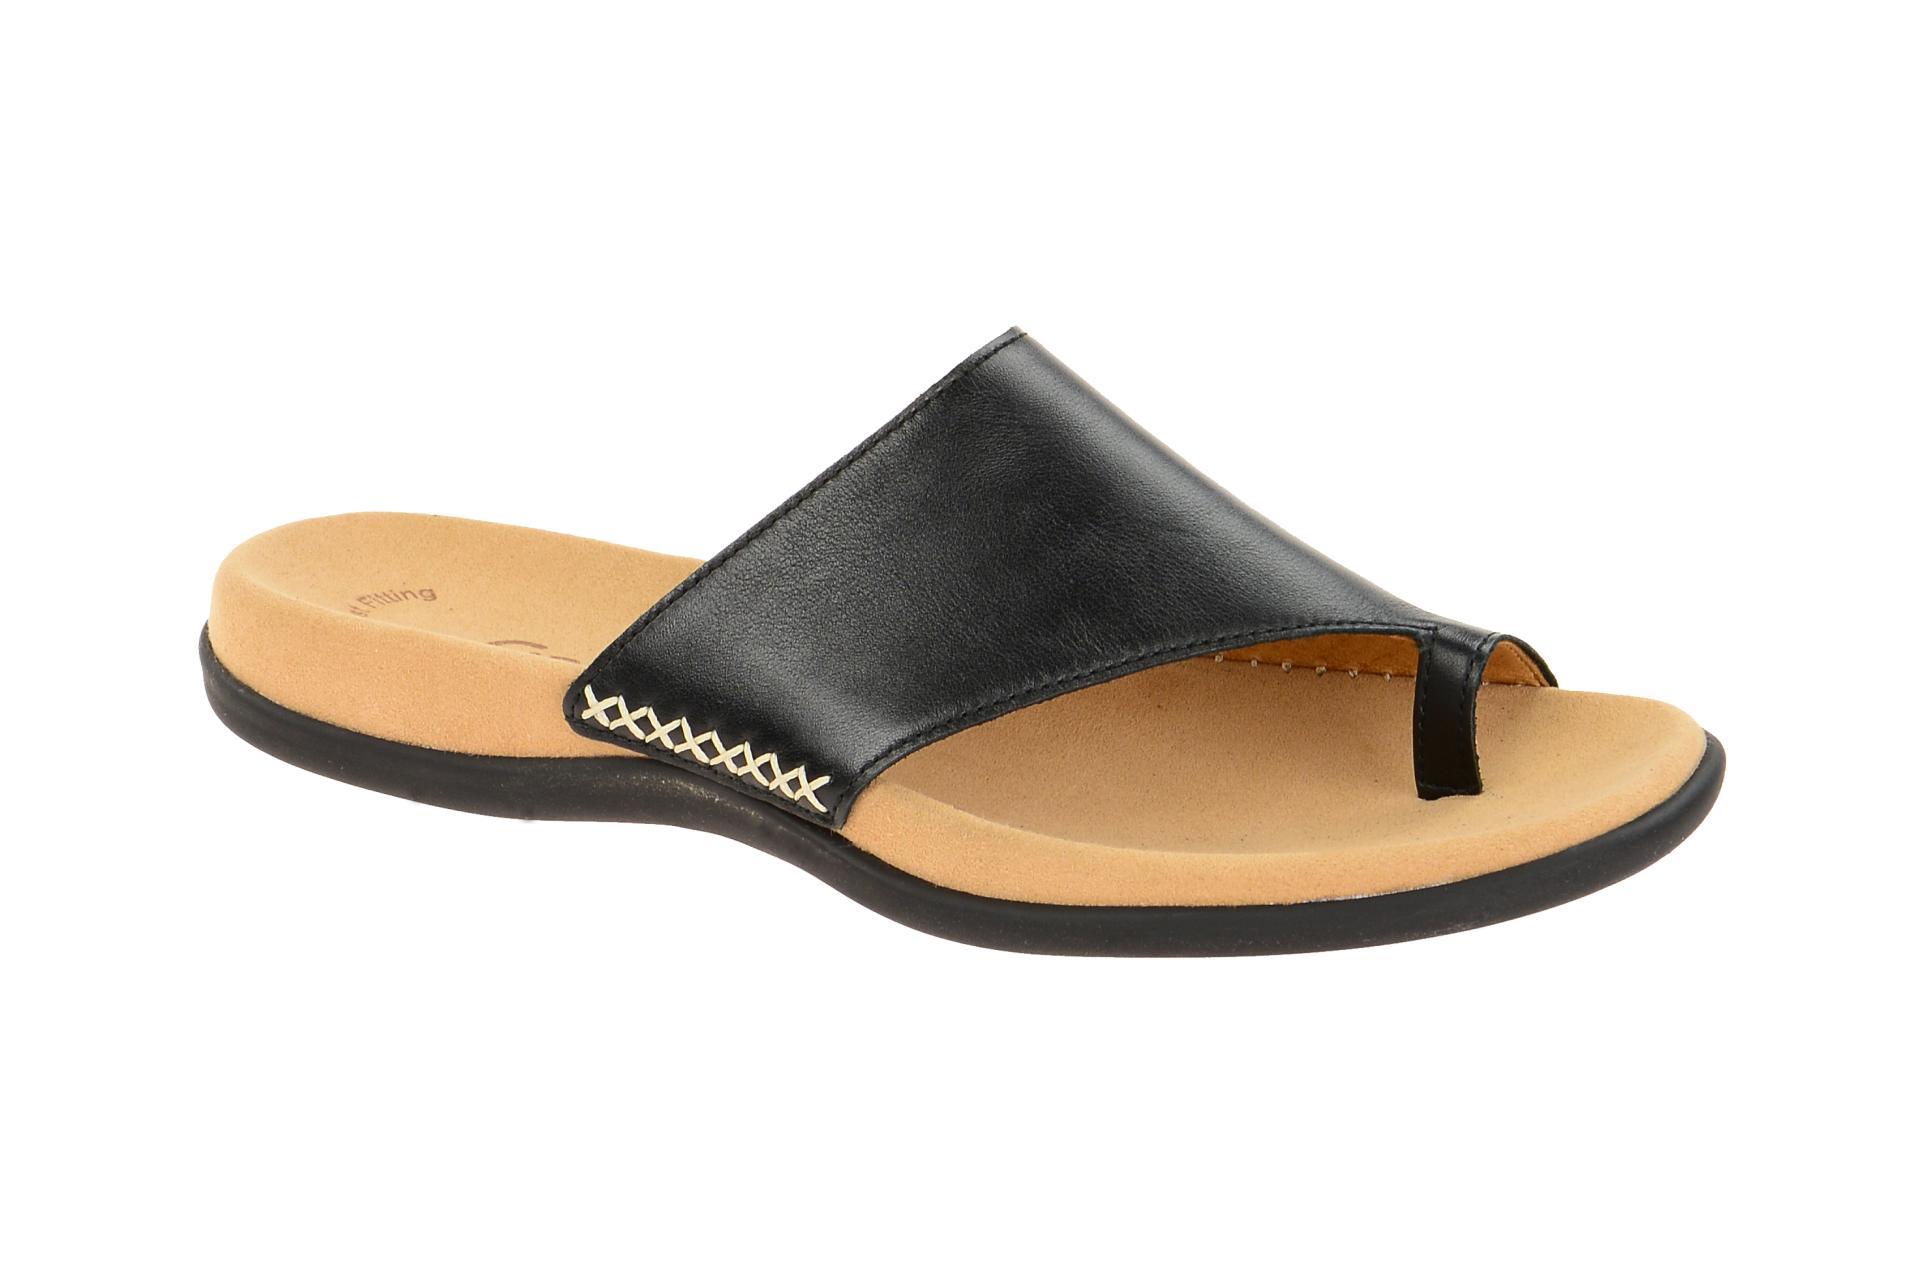 online store 5e9ee 7f6b1 Details zu Gabor Schuhe 03.700 schwarz Damen Pantoletten Zehentrenner  Pantolette 03.700.27